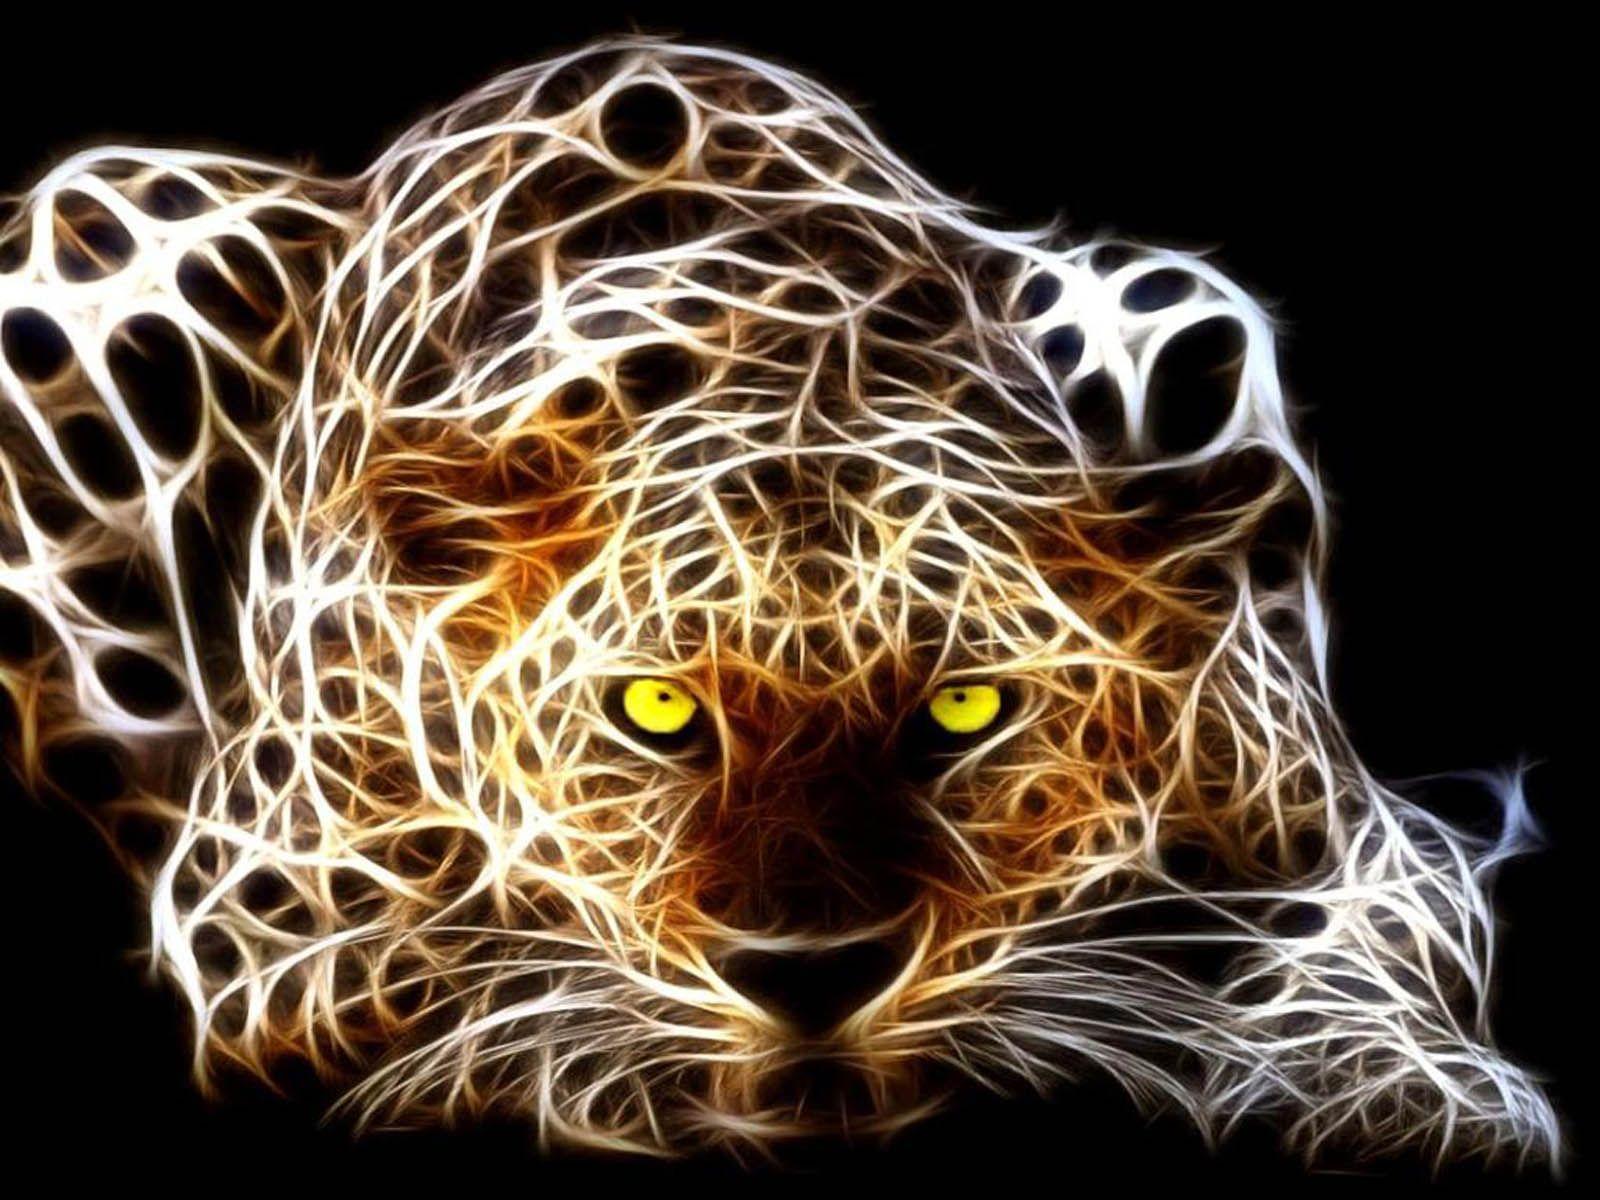 3D Tiger Wallpaper Tag Tiger 3D Wallpapers, Images